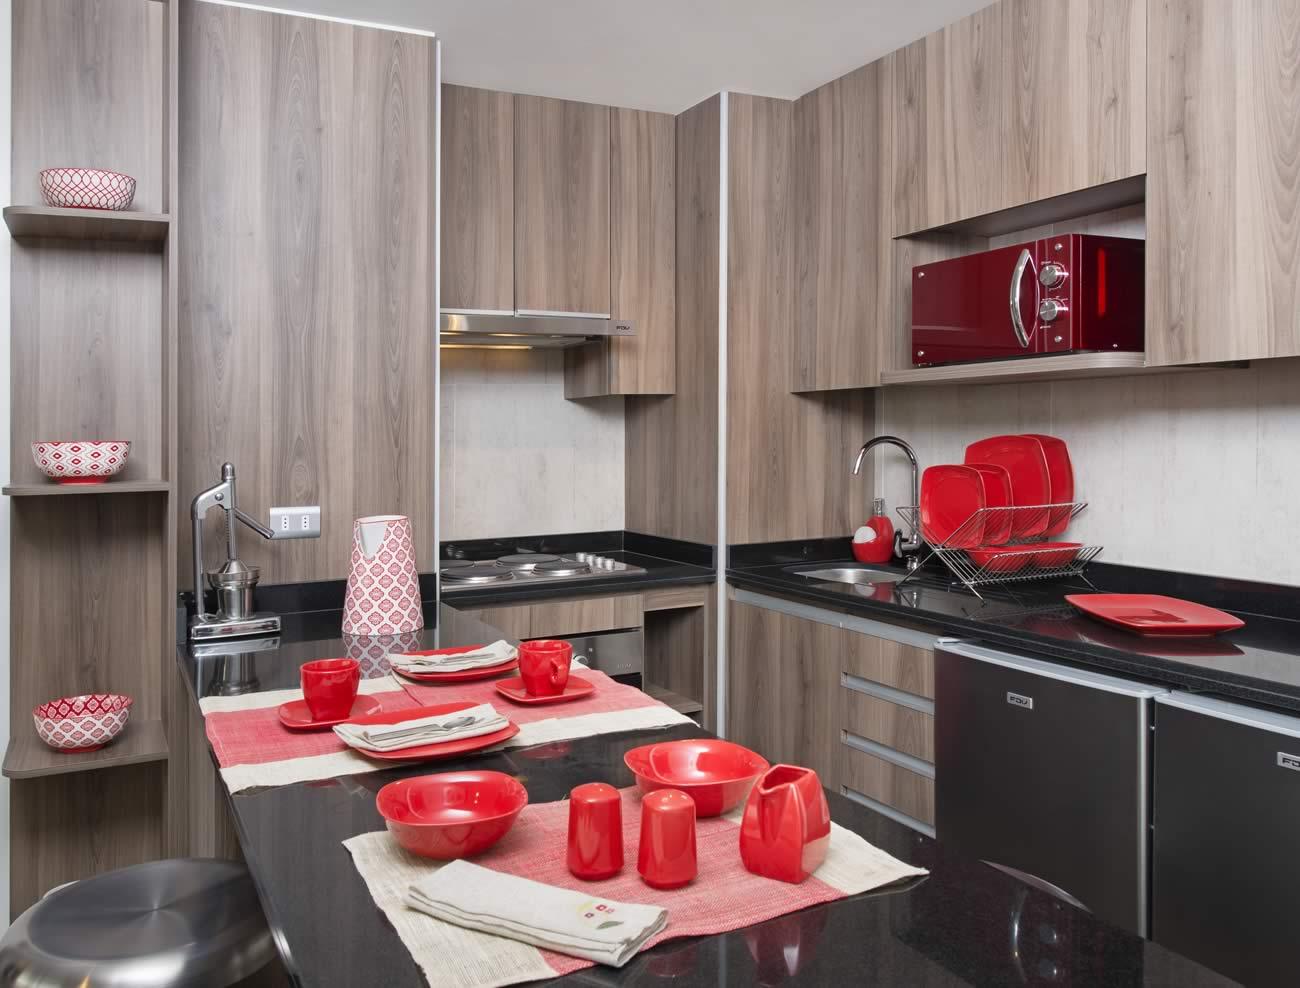 Los tipos de cocina en departamentos y casas